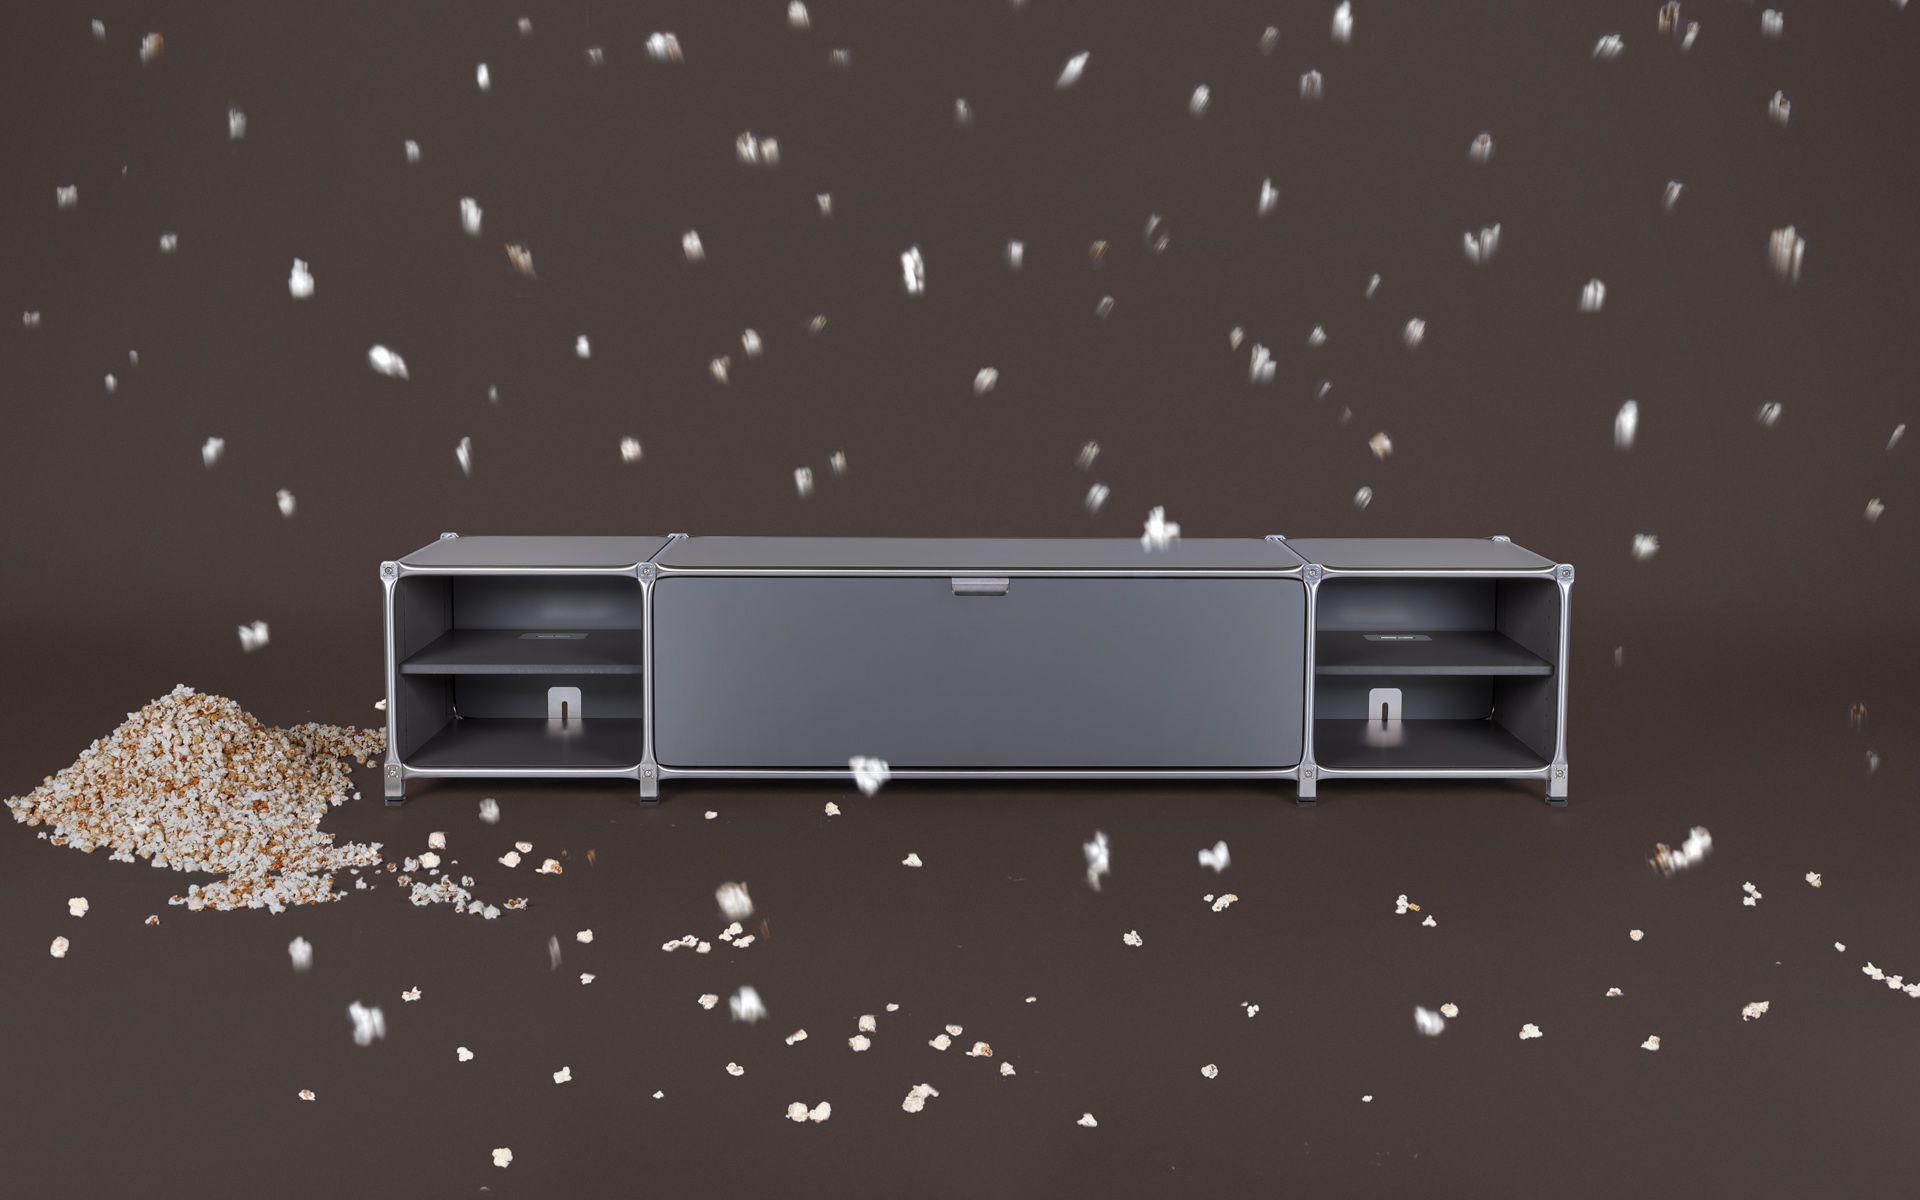 Möbel Aufbewahrung modulares tv board design möbel aufbewahrung system 180 system